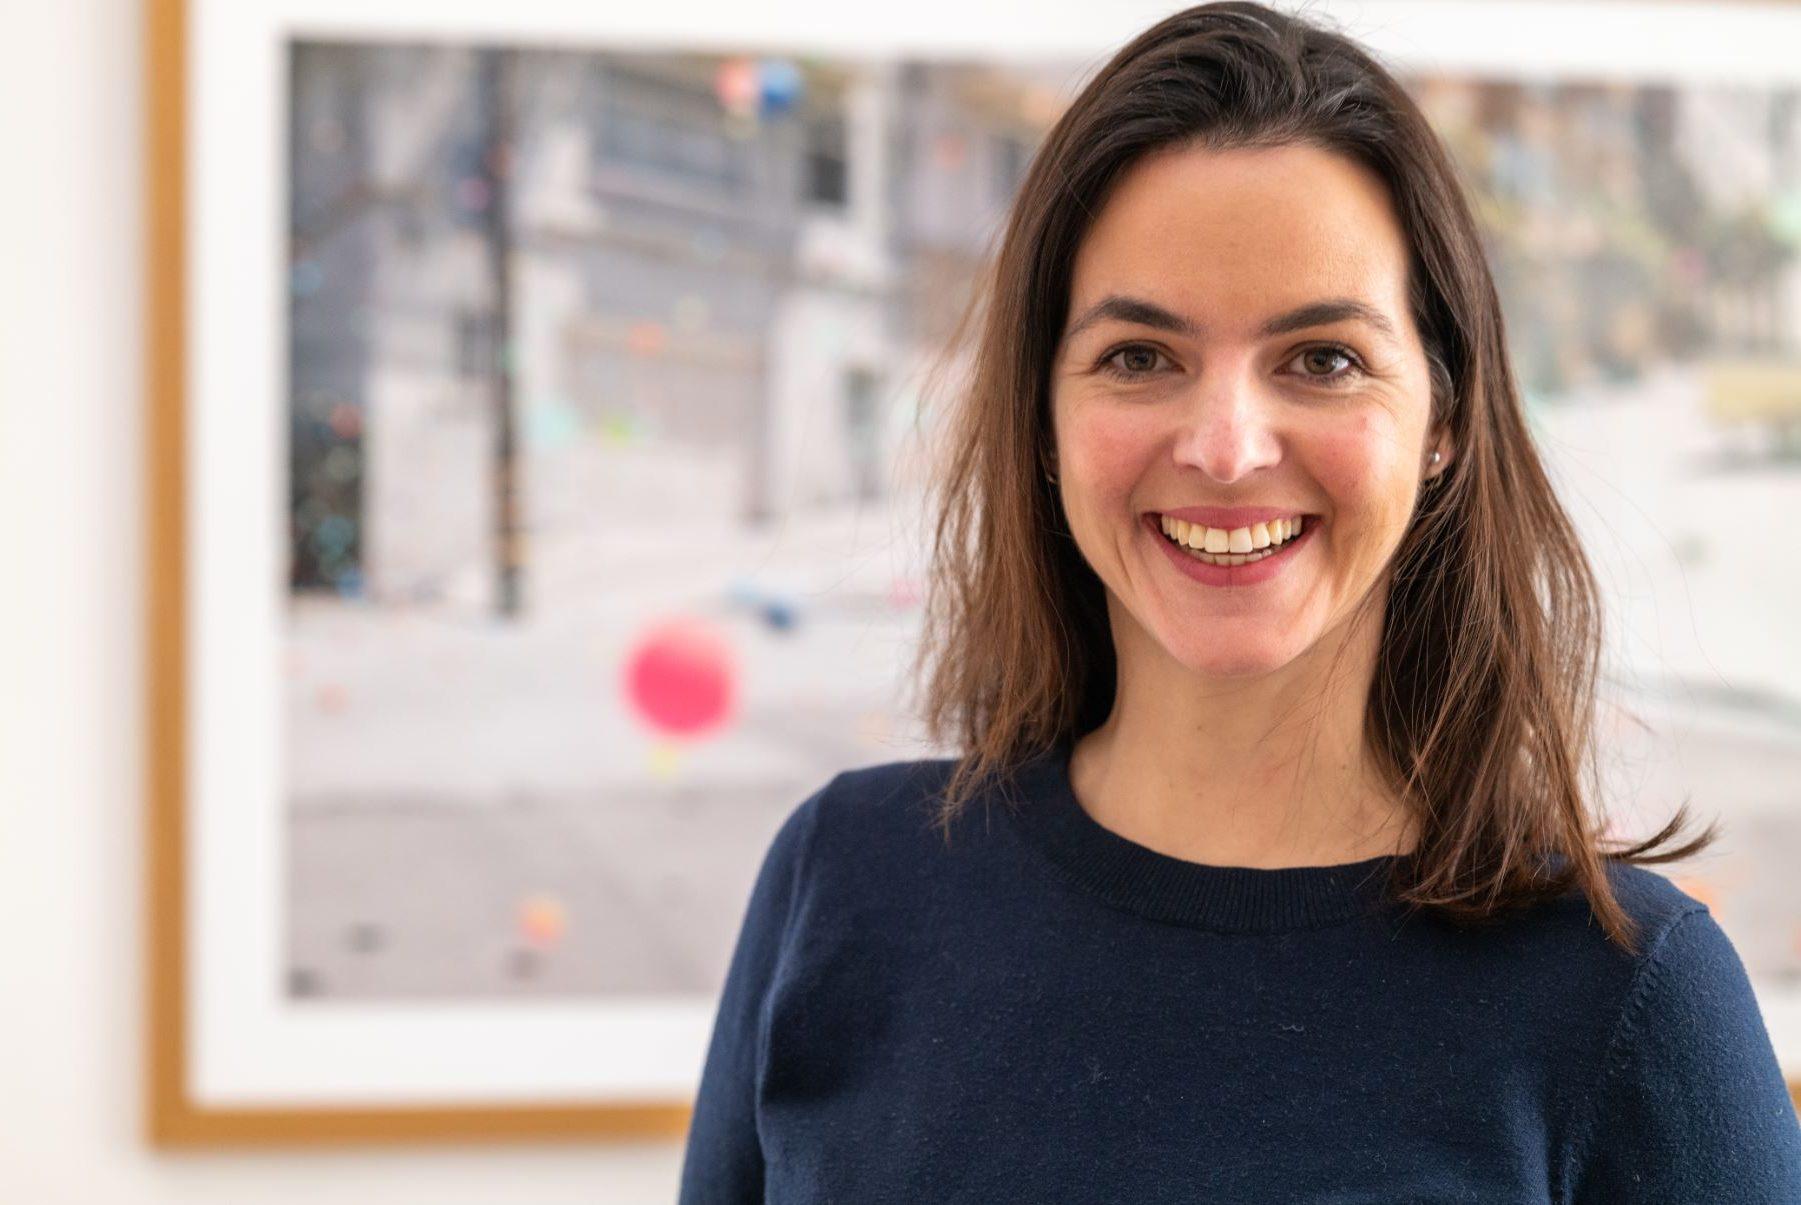 Dr. Amelie Wiedemann